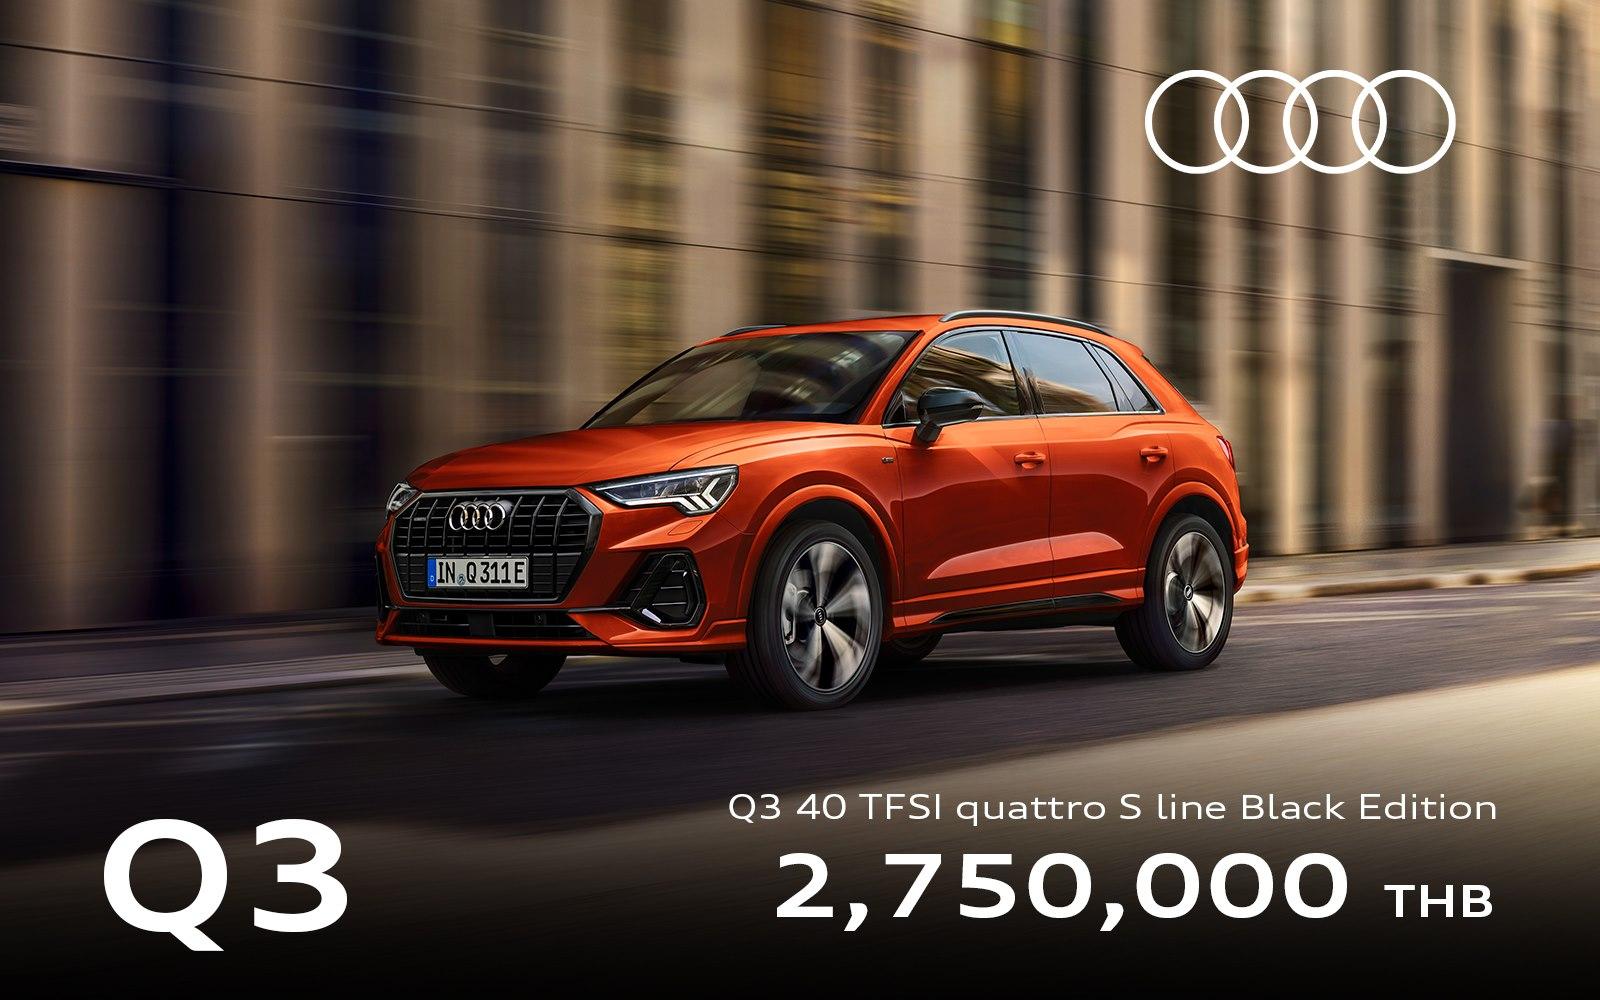 ราคาและตารางผ่อน ดาวน์ Audi Q3